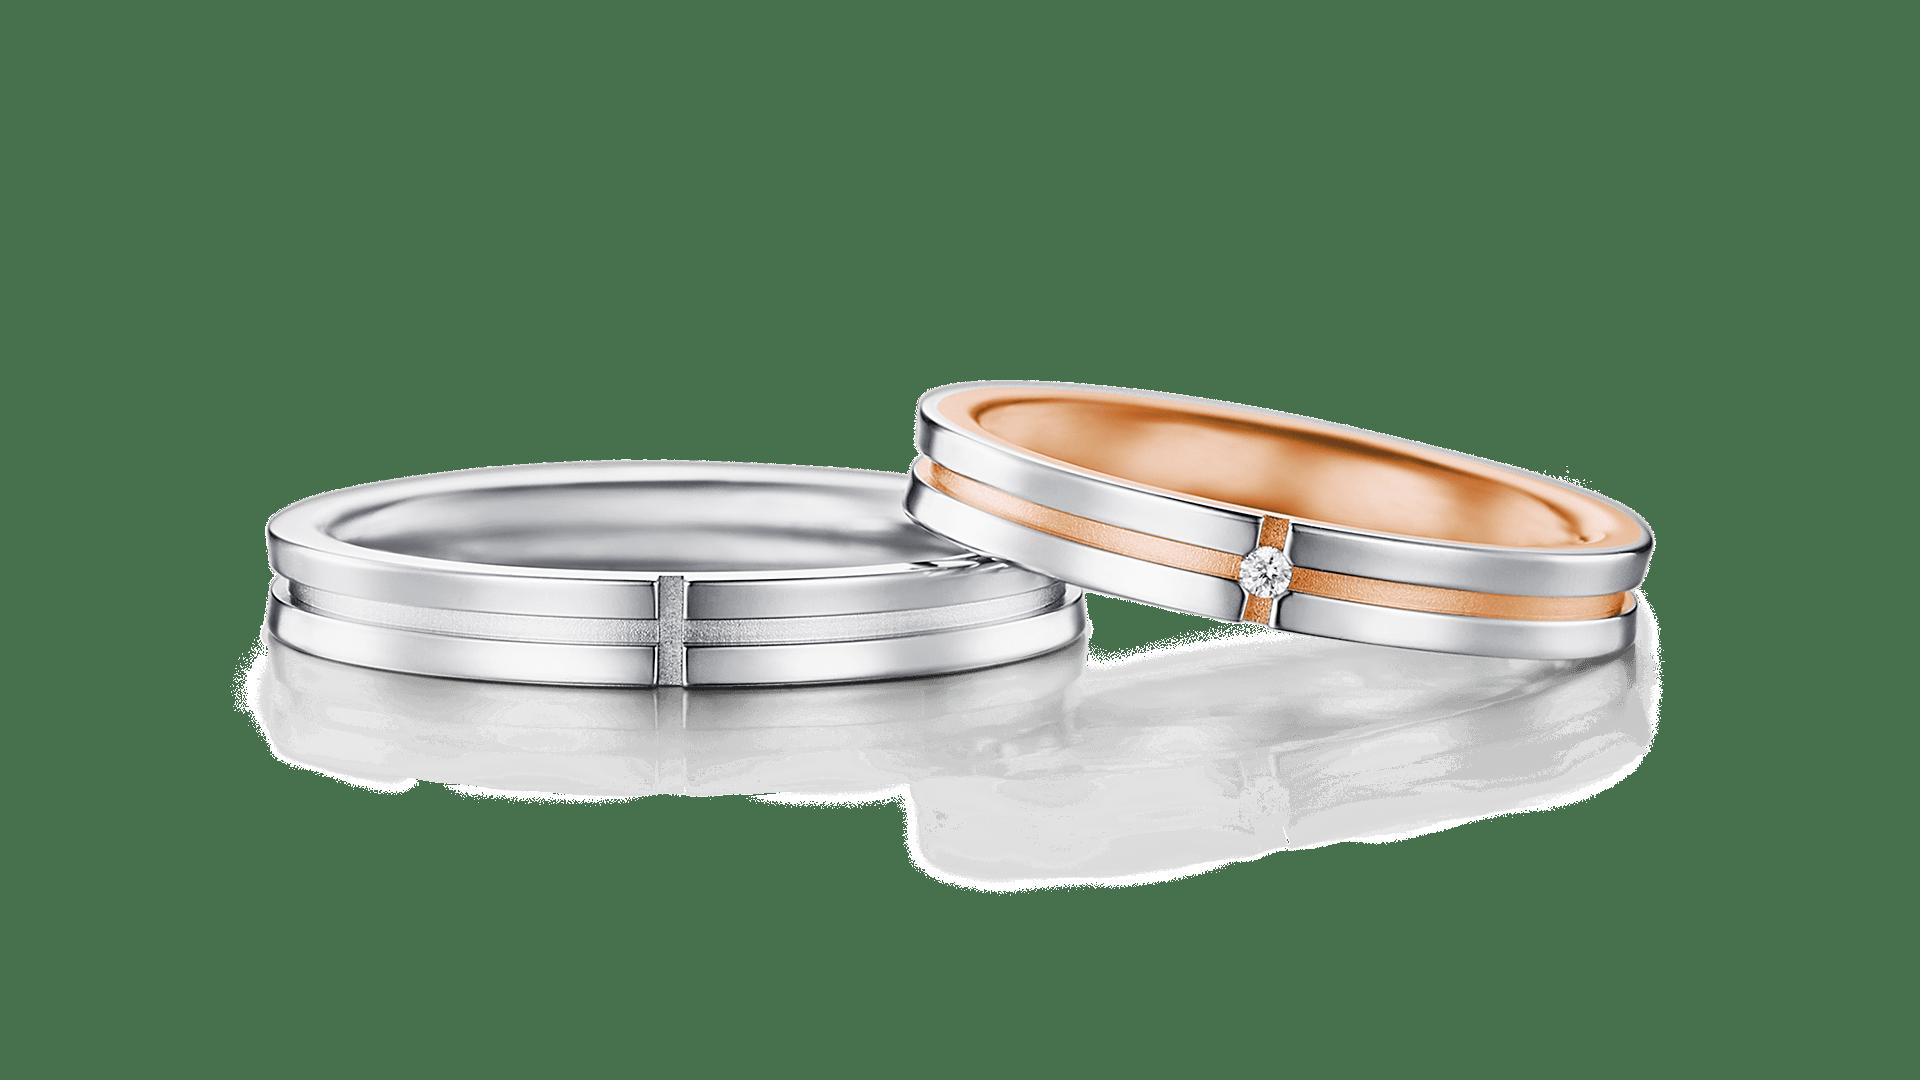 santis サンティス | 結婚指輪サムネイル 1